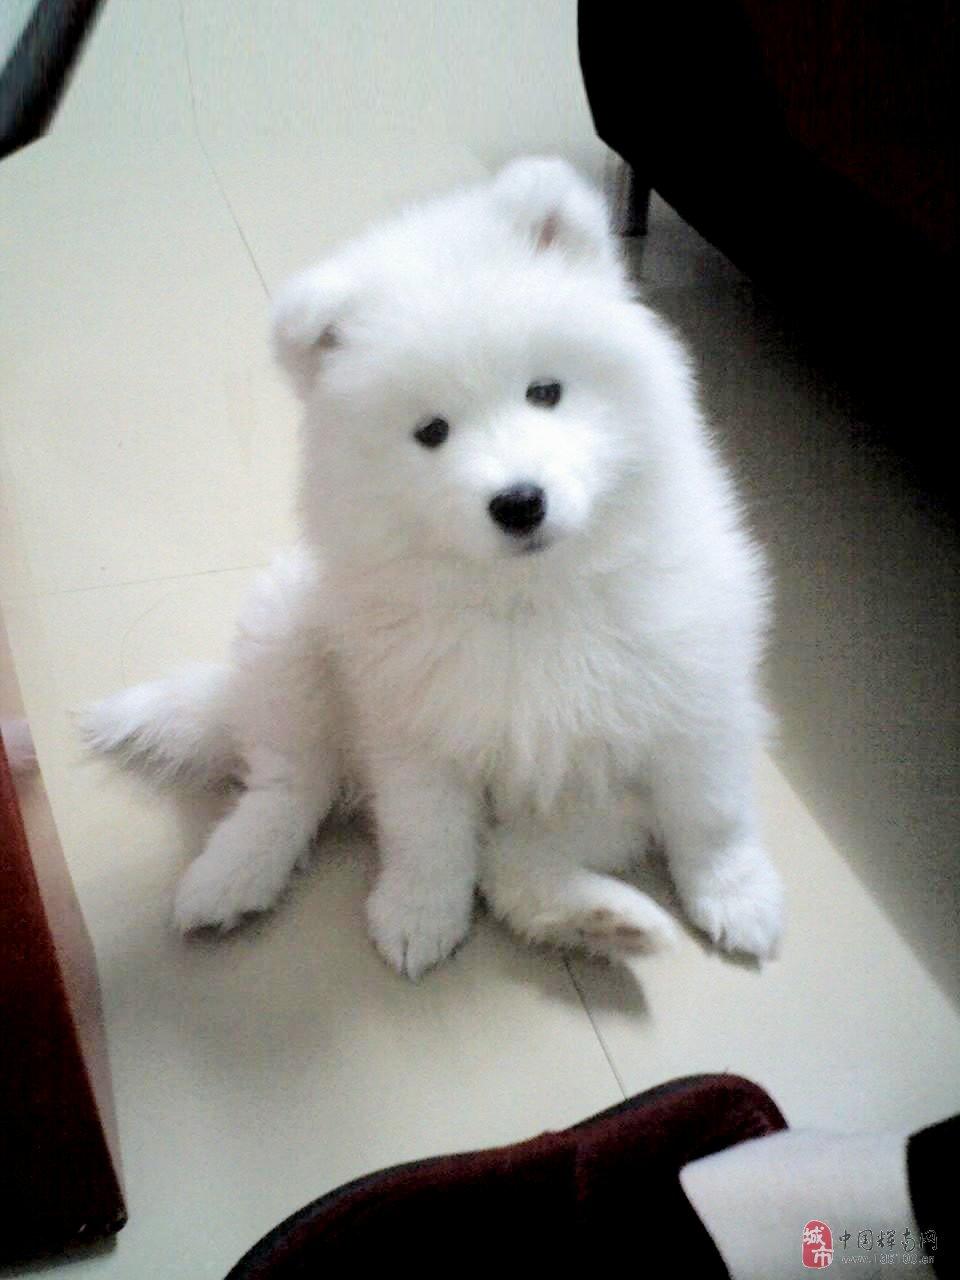 狗图片_萨摩狗图片-谁有萨摩狗资料或图片??